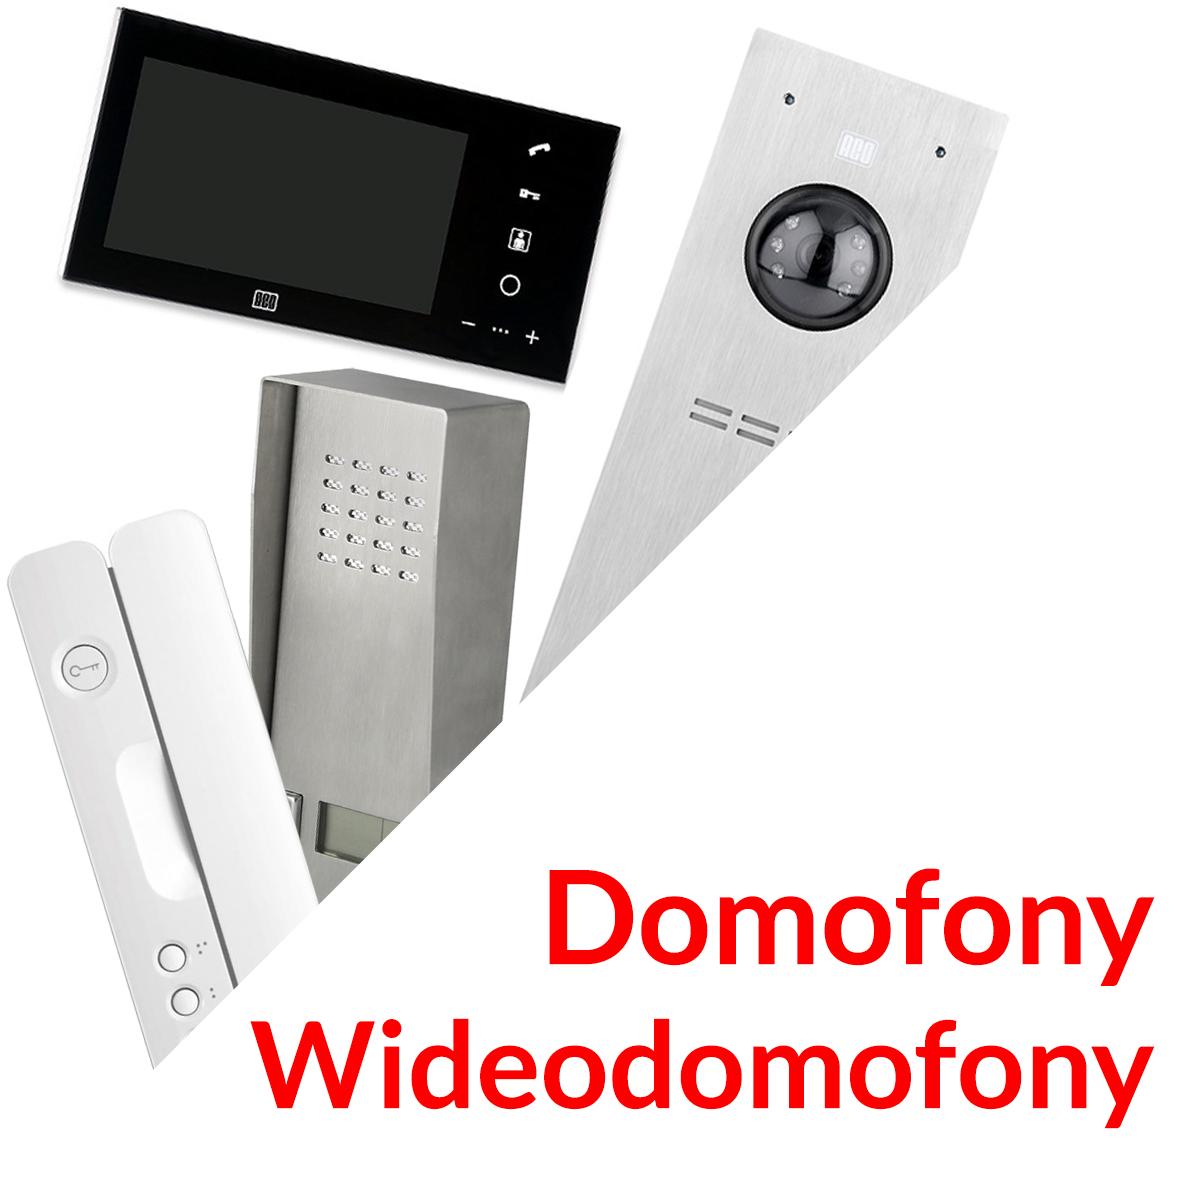 Domofony i wideodomofony